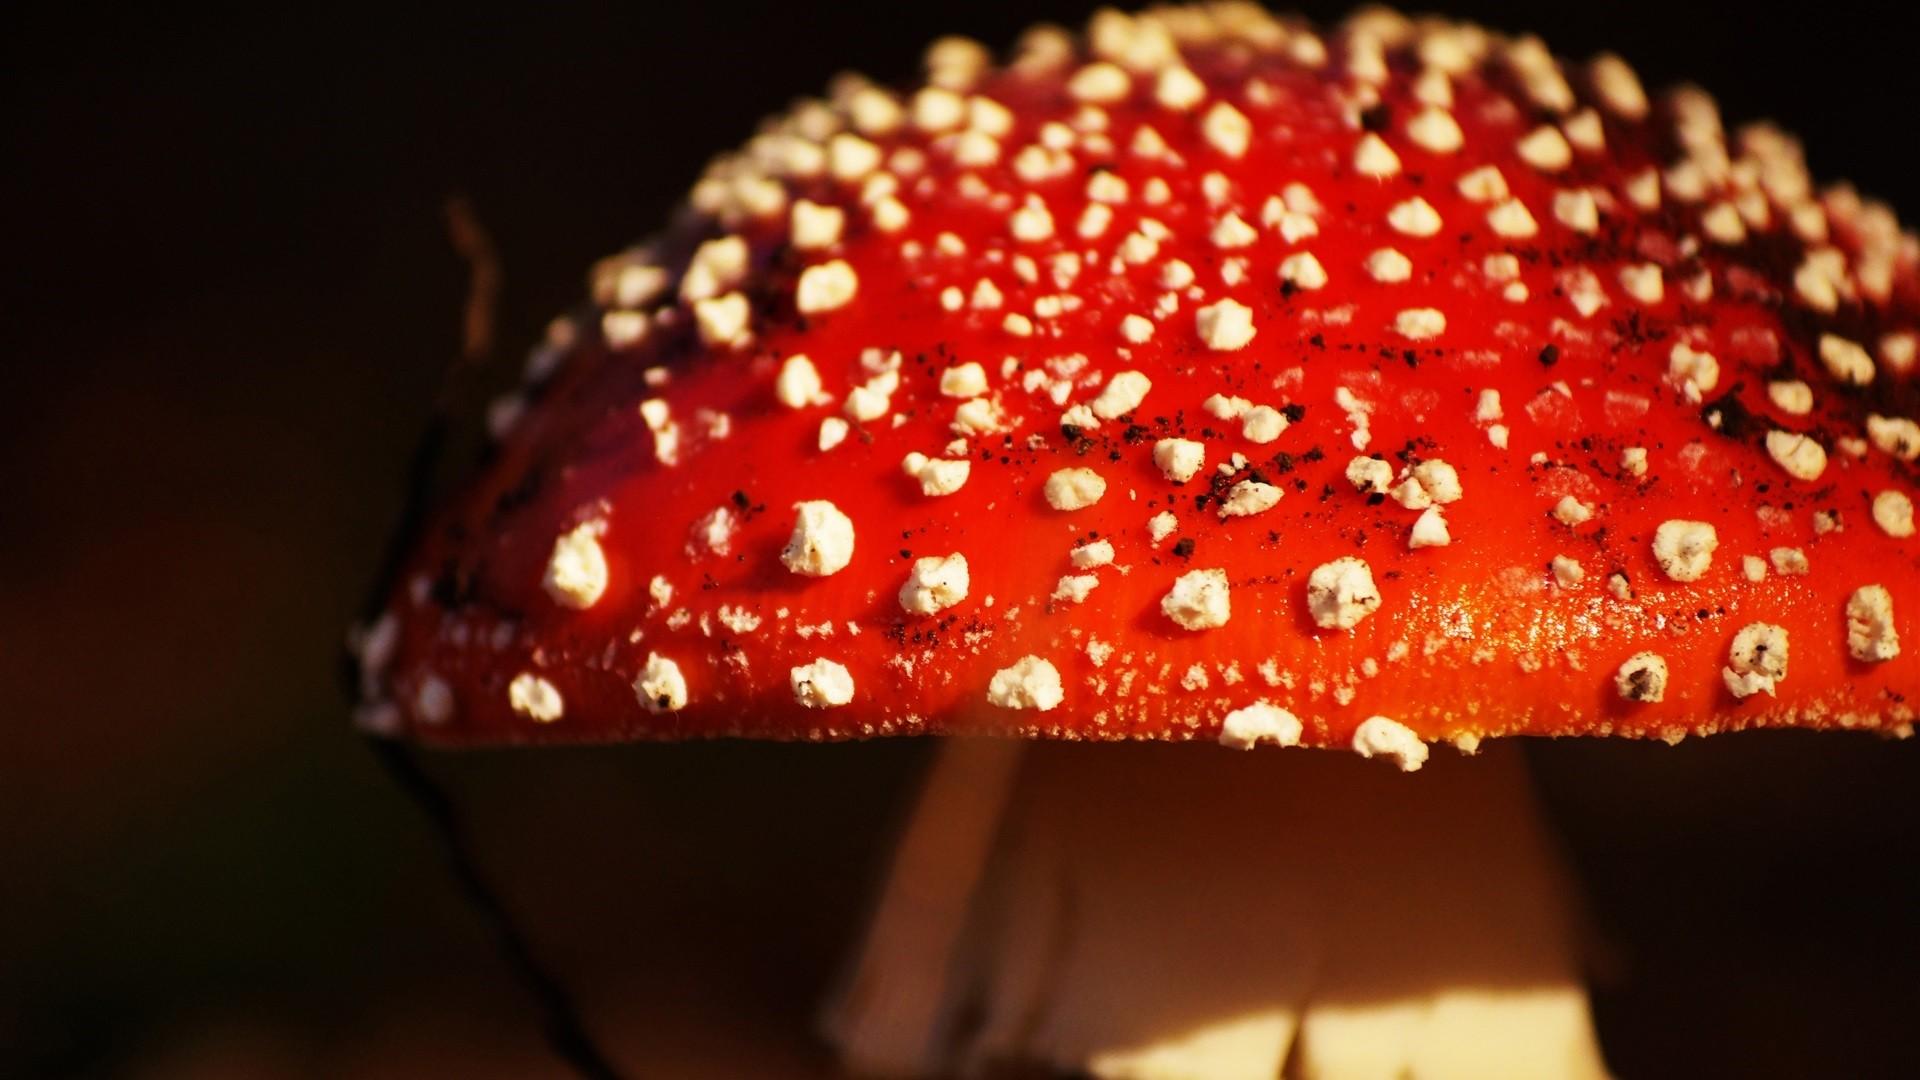 Mushroom Free Wallpaper